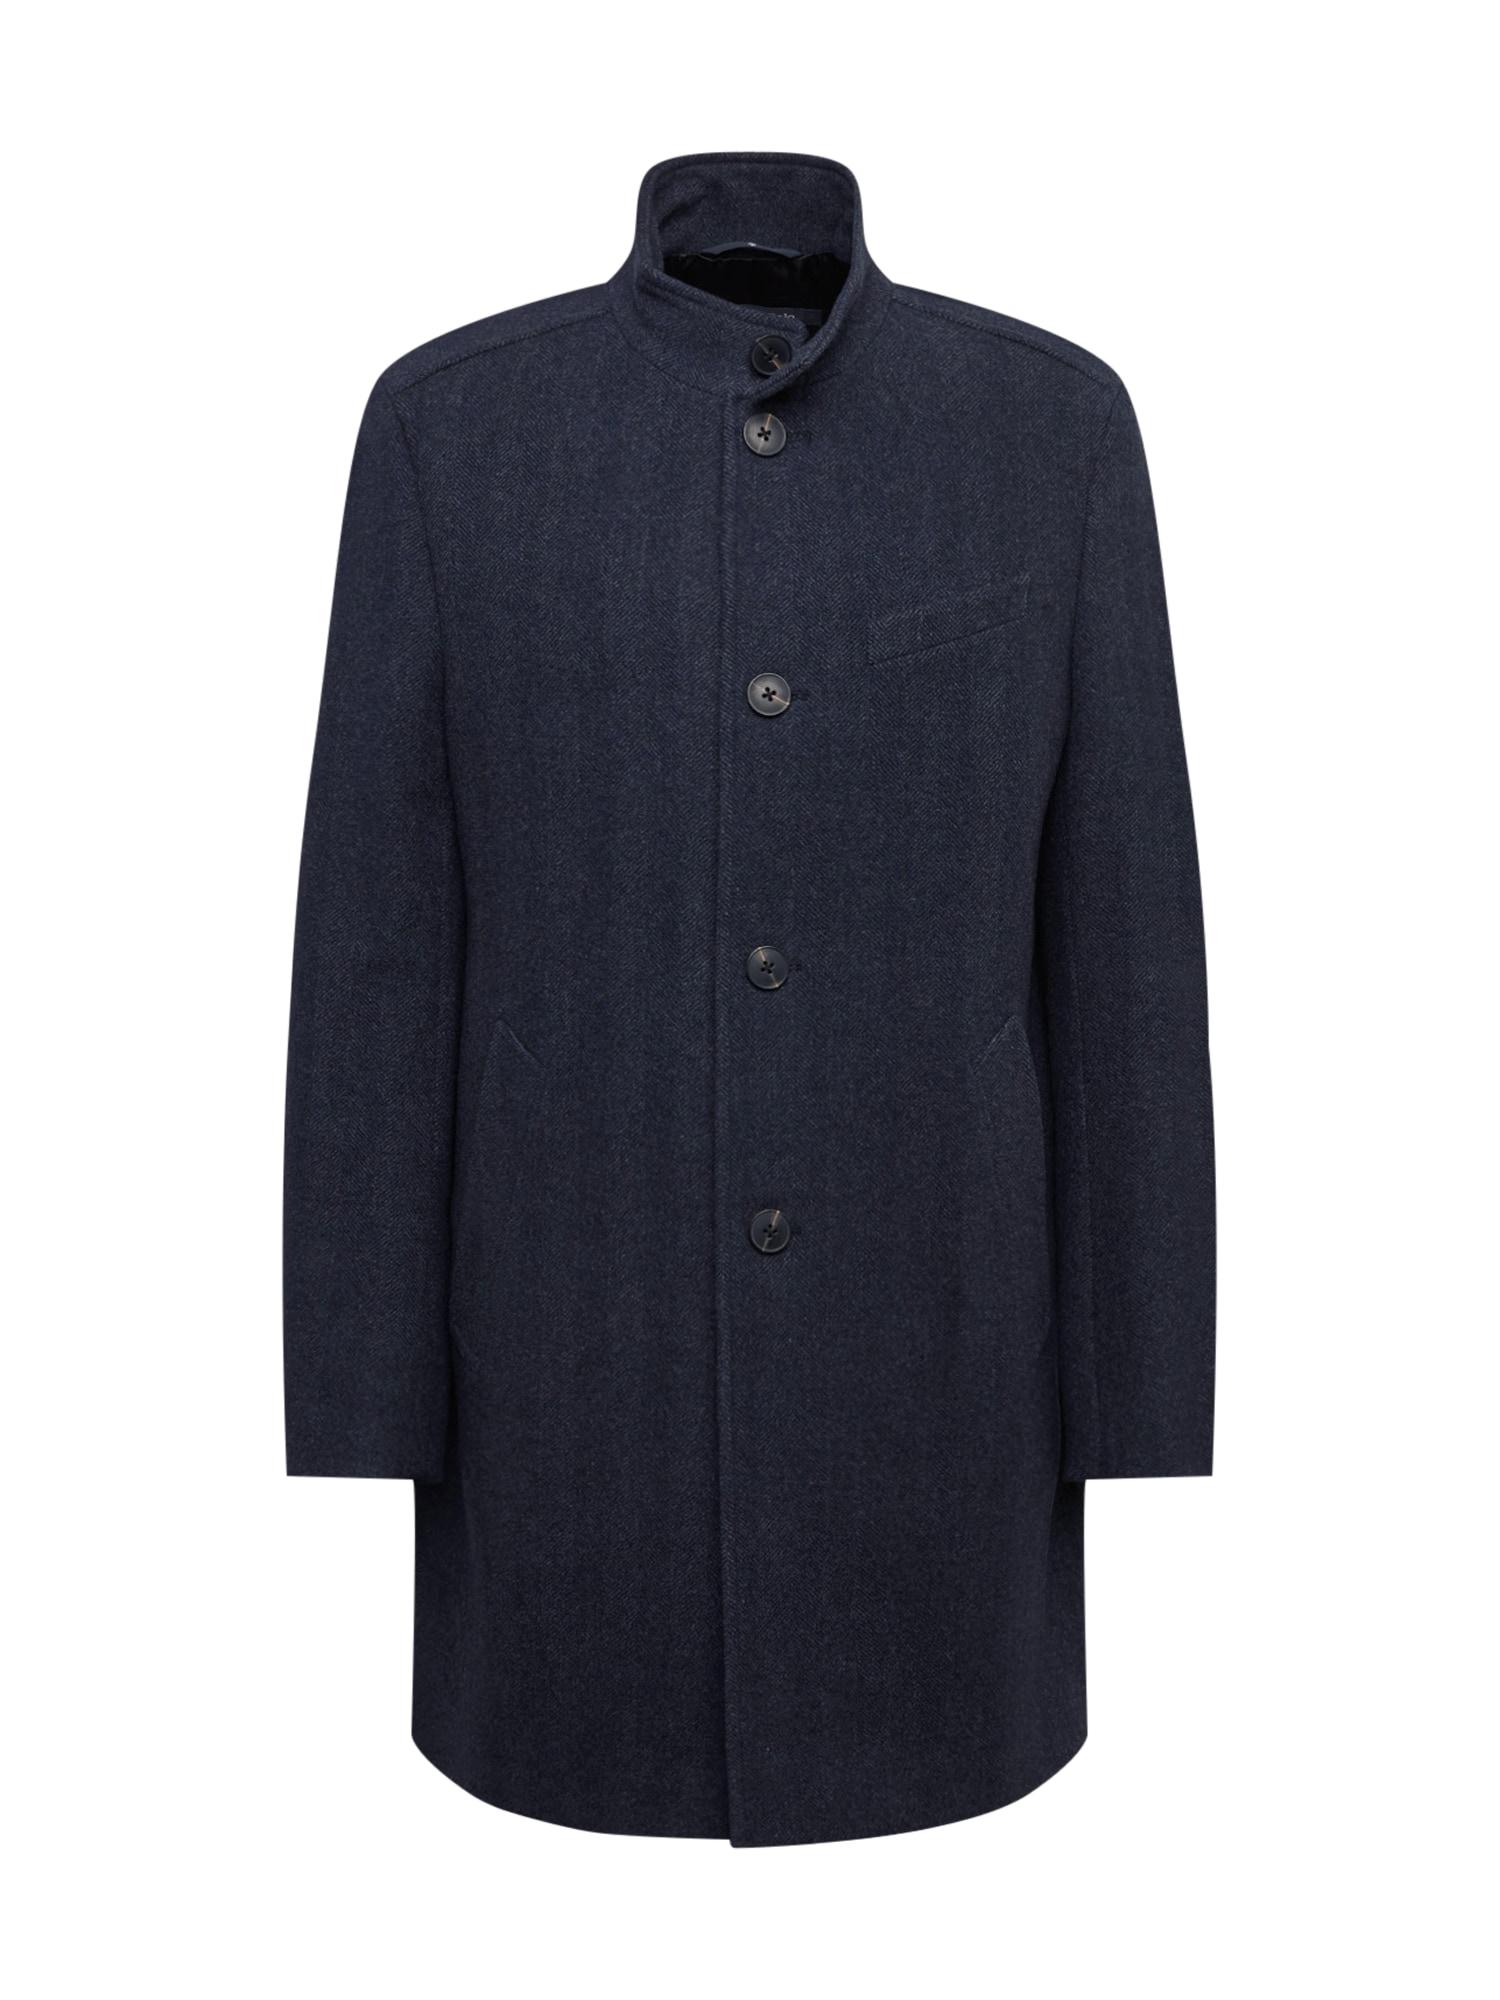 Marc O'Polo Rudeninis-žieminis paltas tamsiai mėlyna